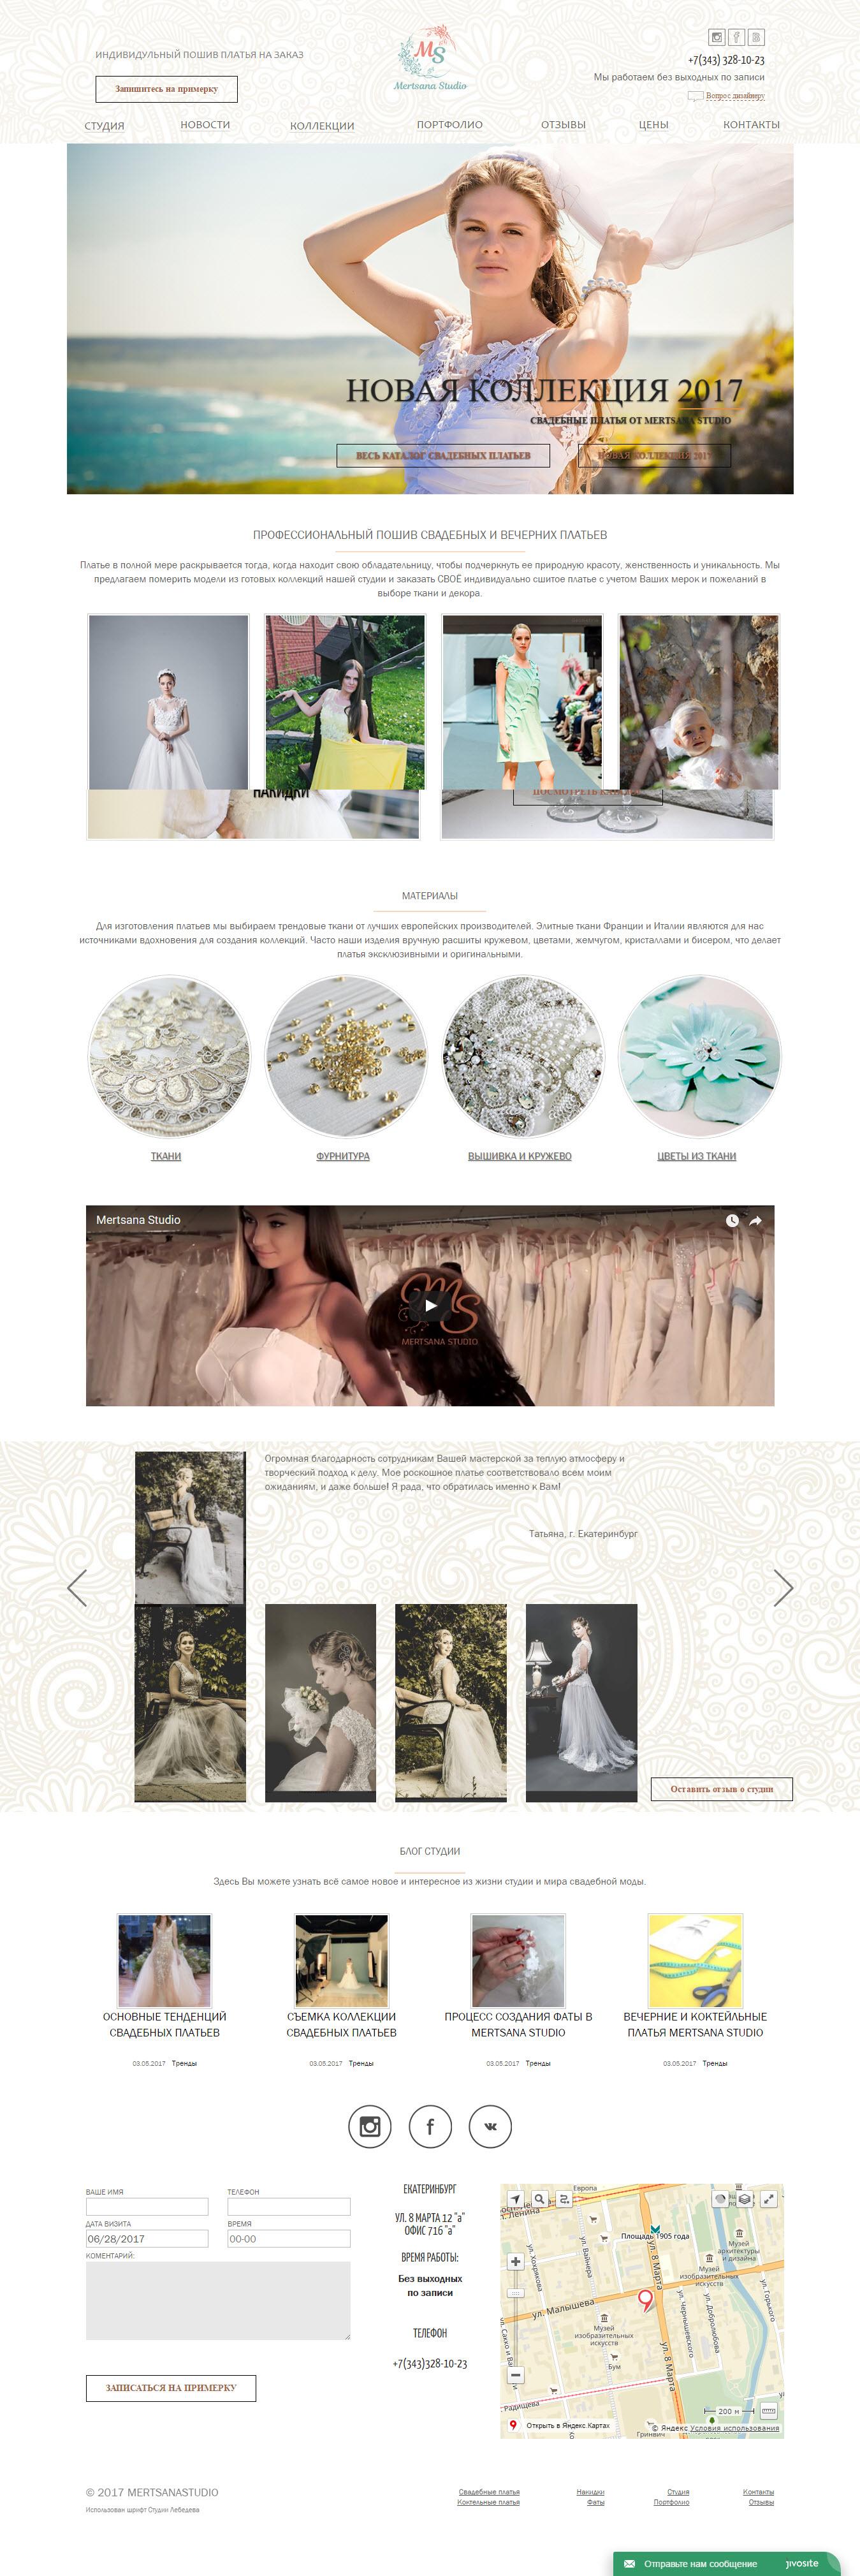 Интернет магазин свадебных платьев mertsanastudio